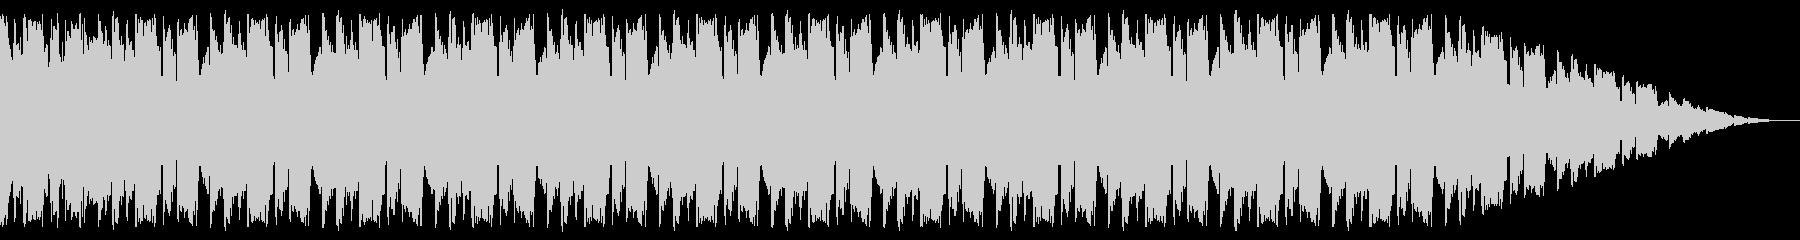 ギター・ベースのユニゾンが軽快なインストの未再生の波形